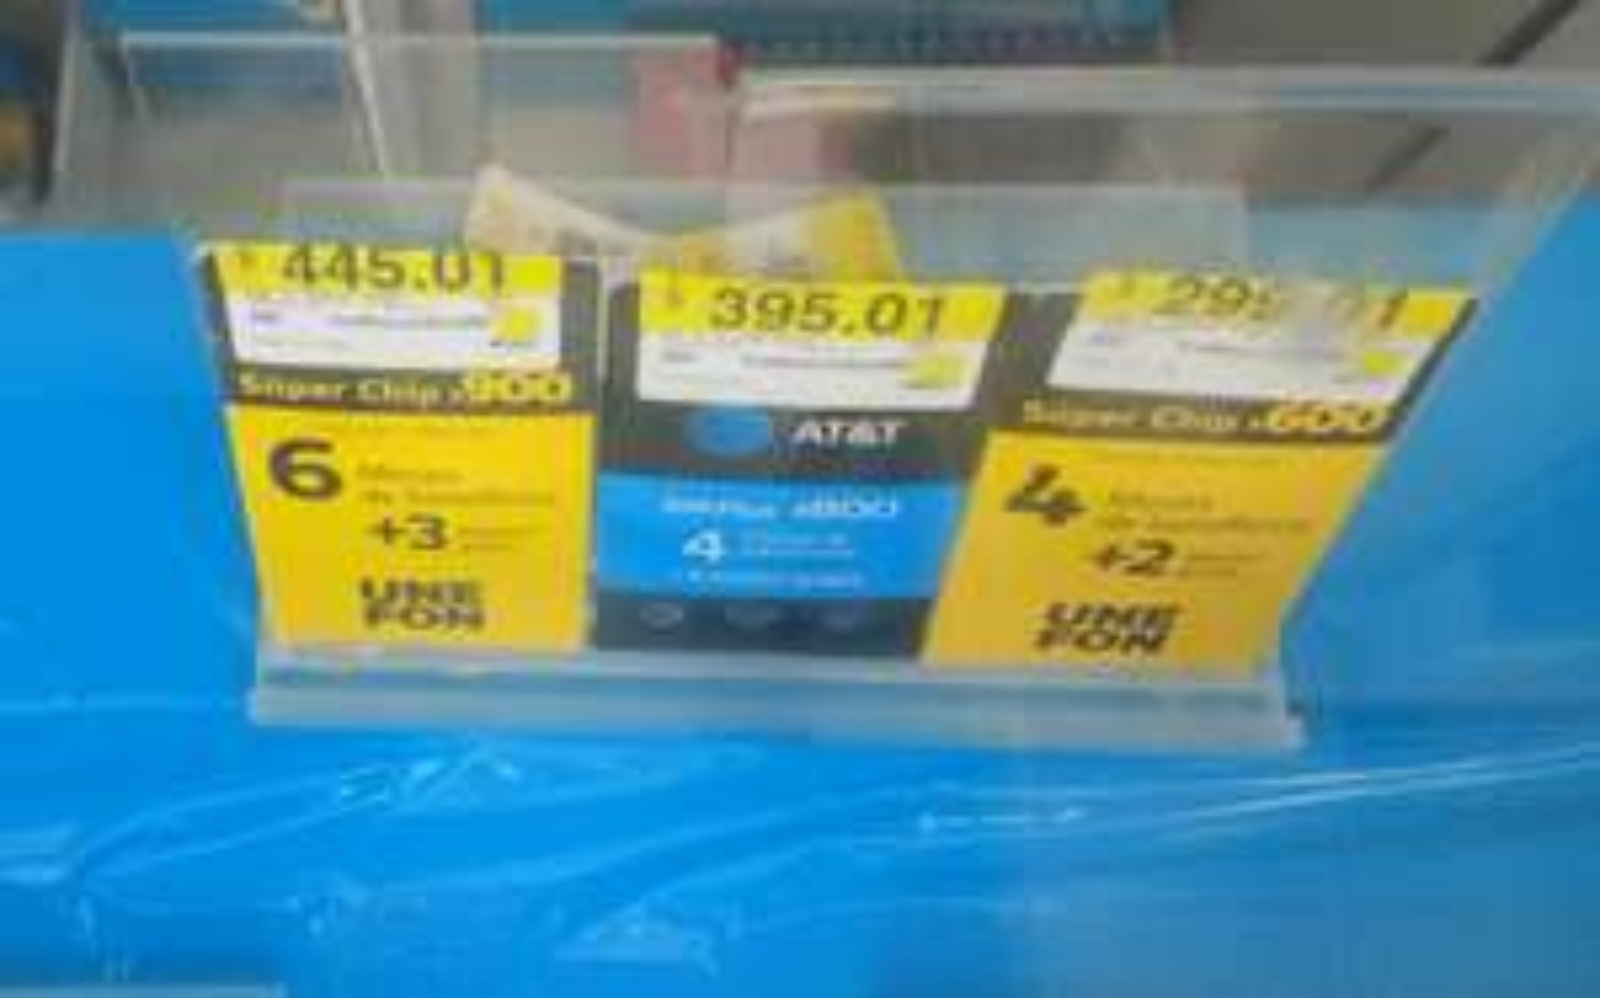 Walmart: Att&t y Unefon Sims en última liquidación.